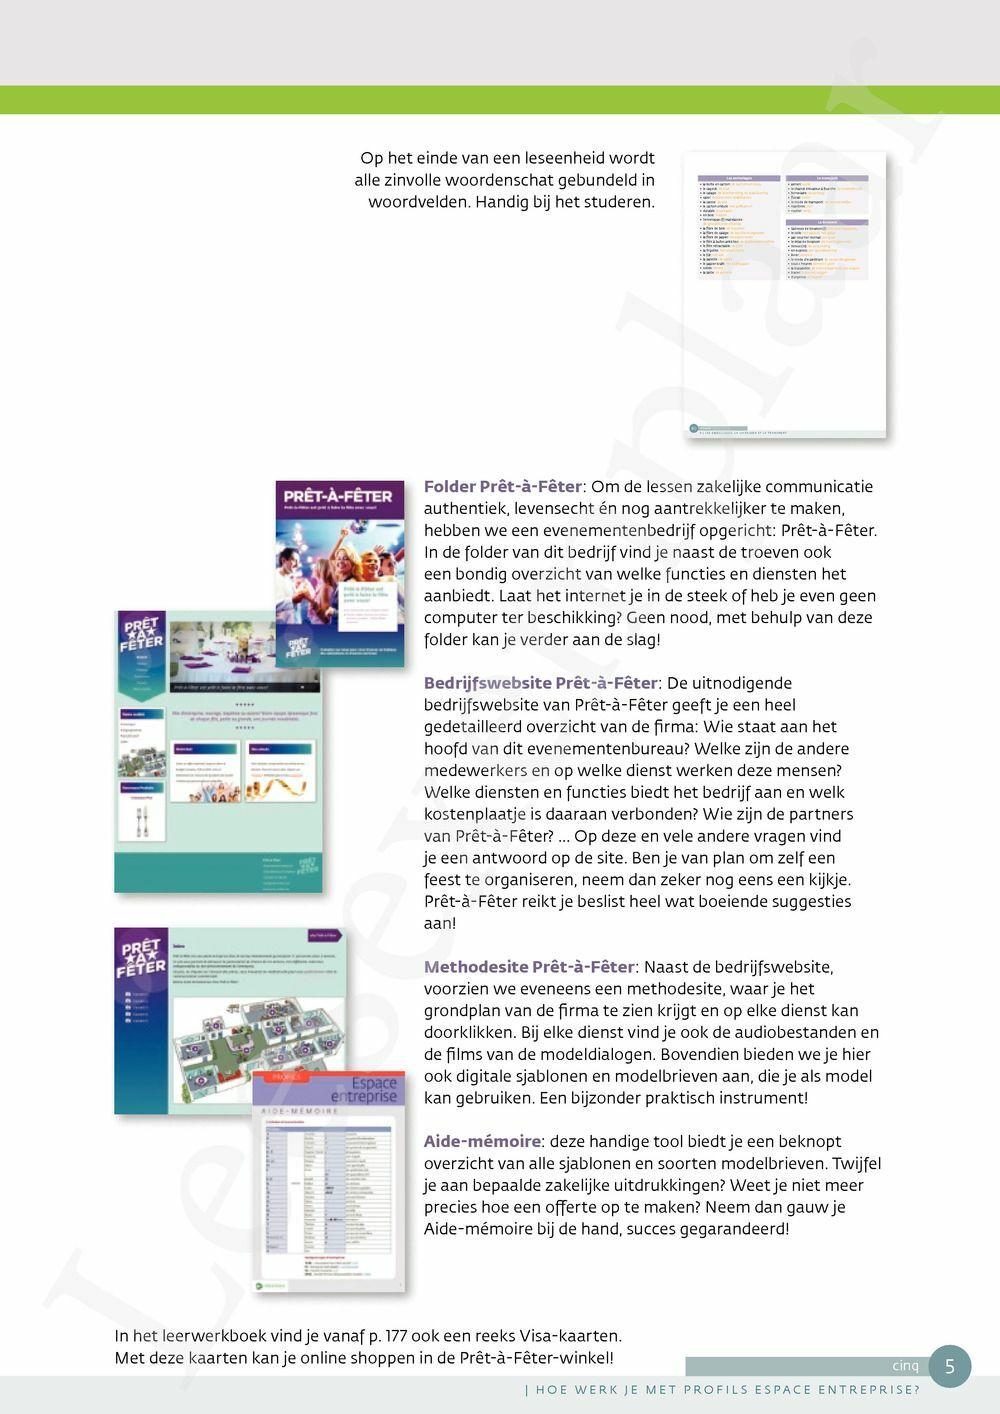 Preview: Profils Espace entreprise leerwerkboek